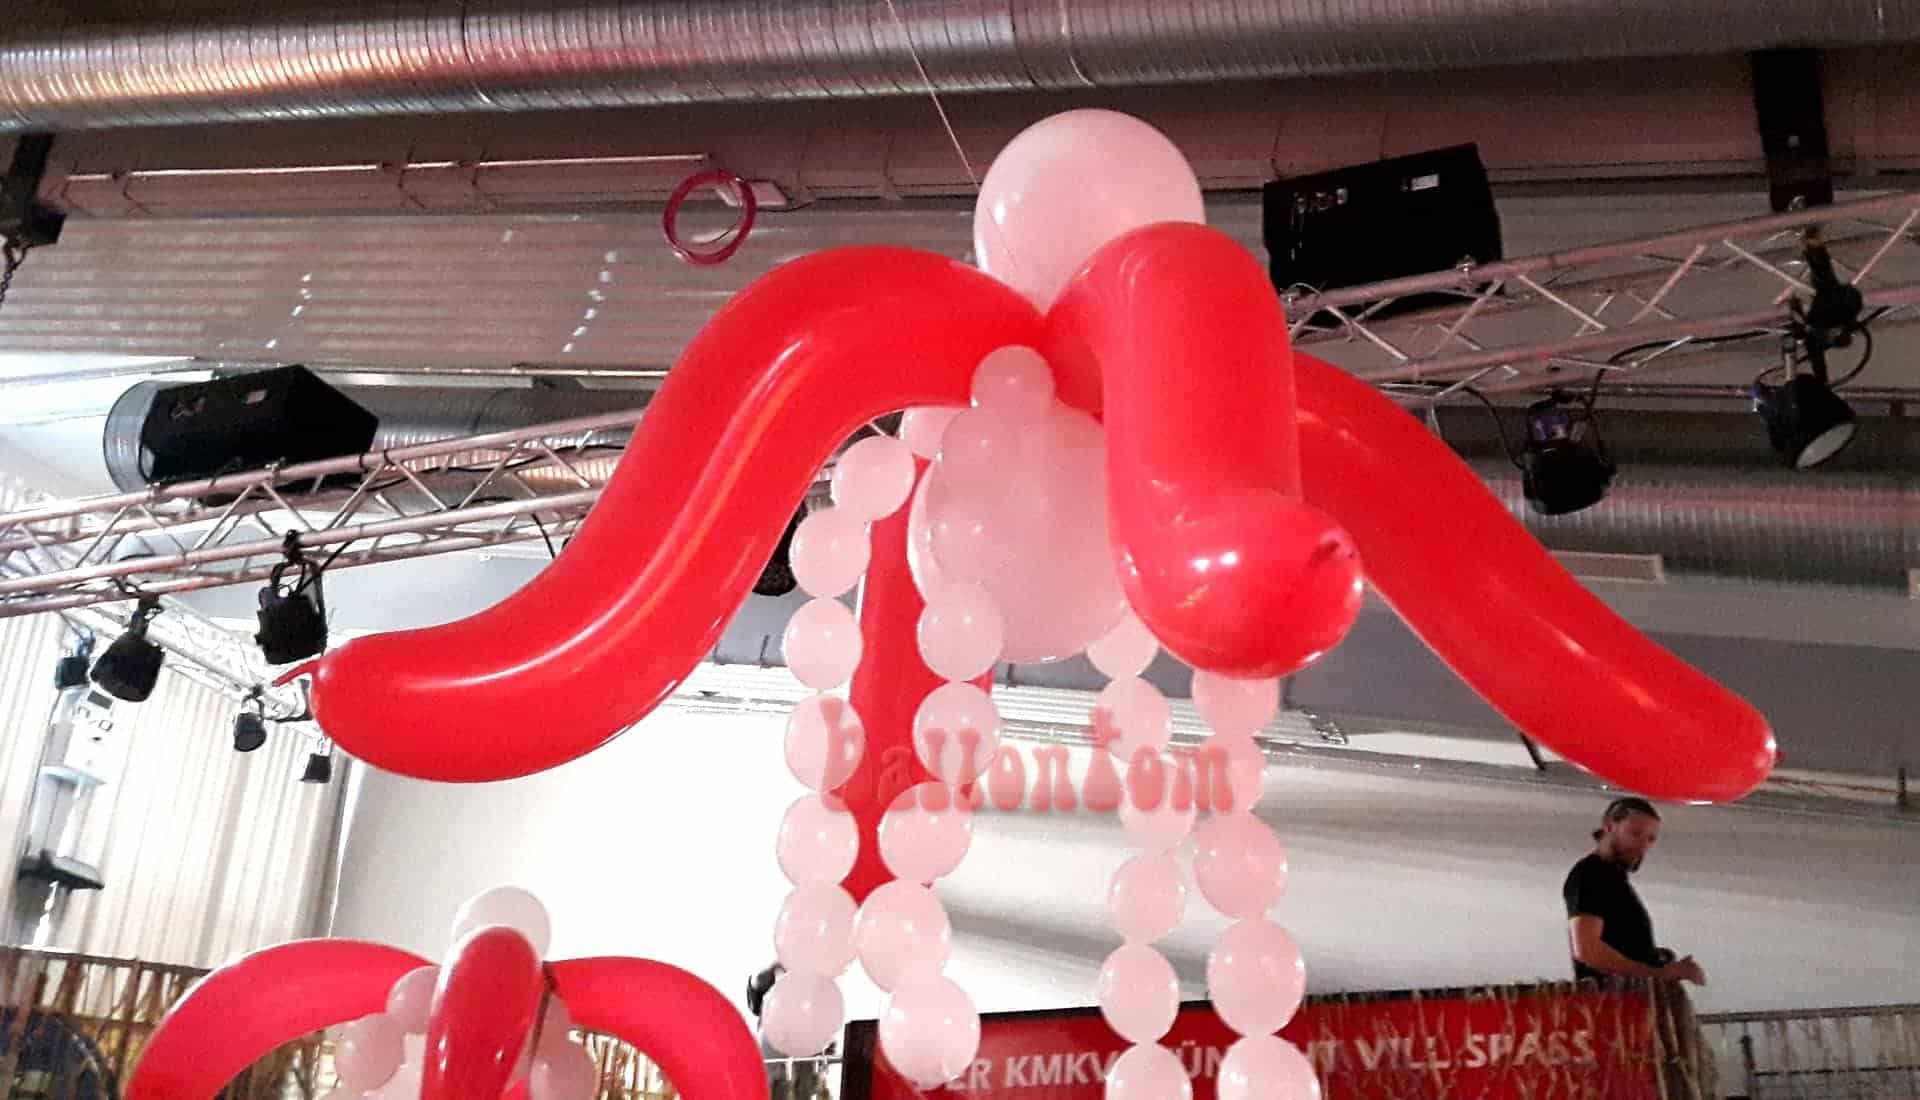 Deckenhänger Ballonpflanze im Technikum in München